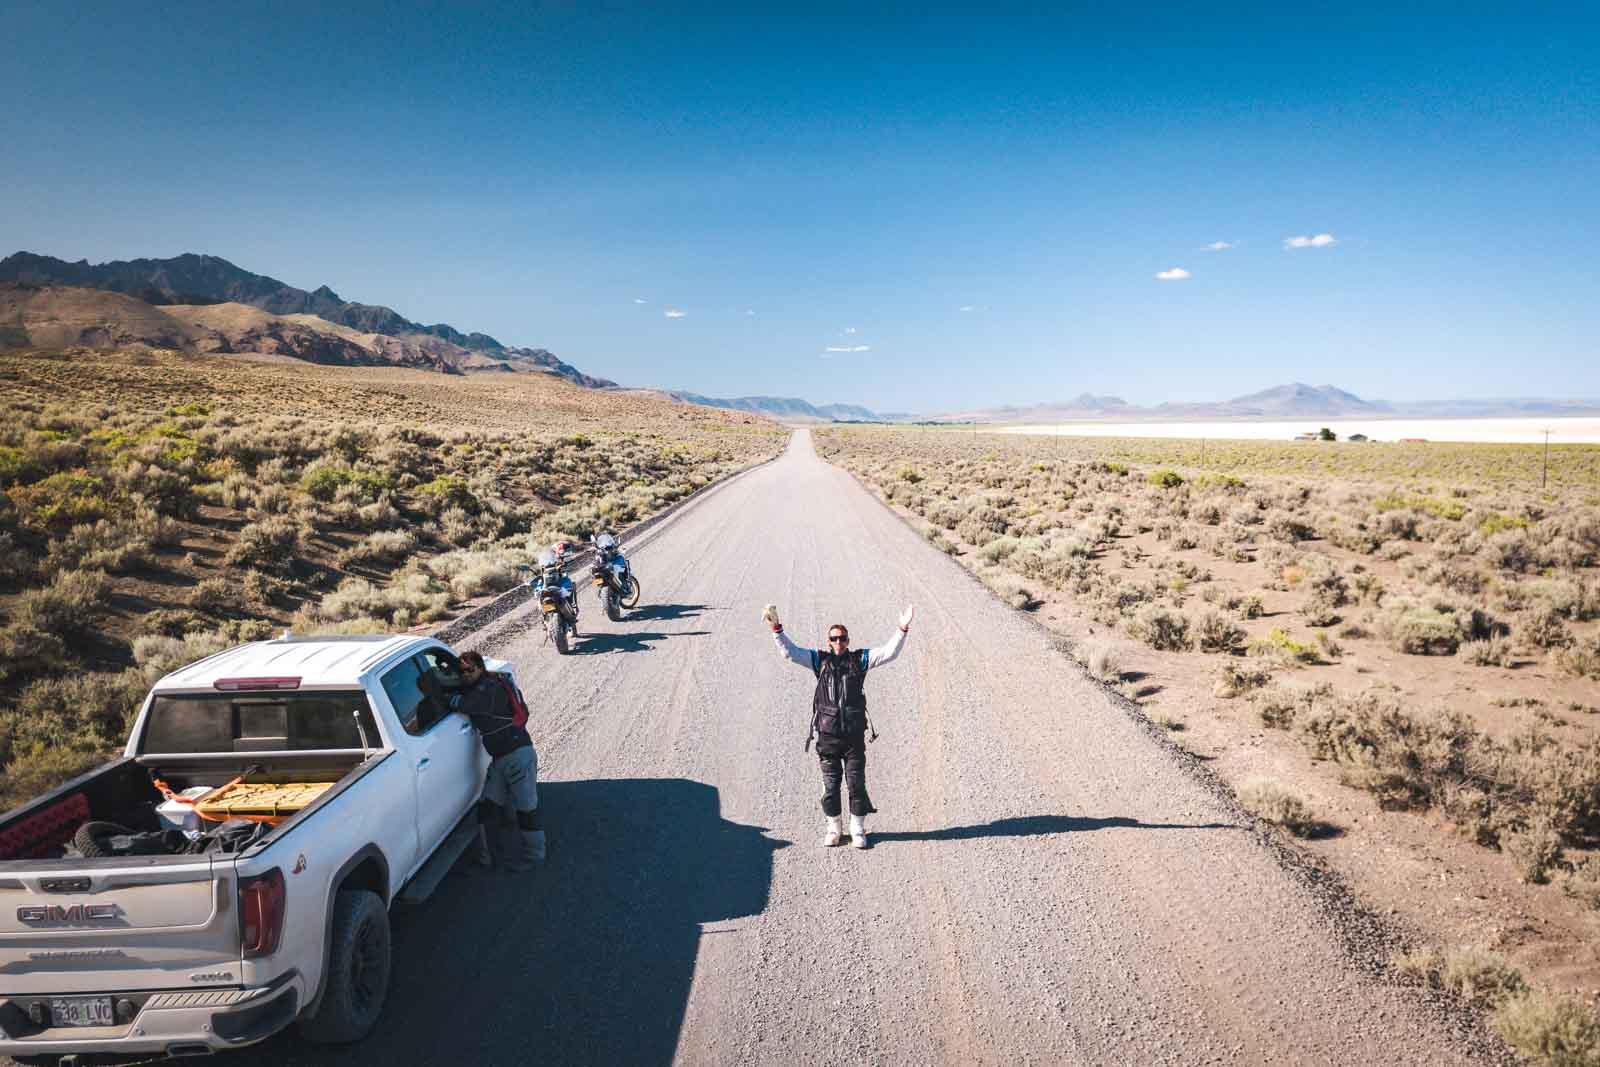 pit-stop-adventure-motorcycle-tour-oregon